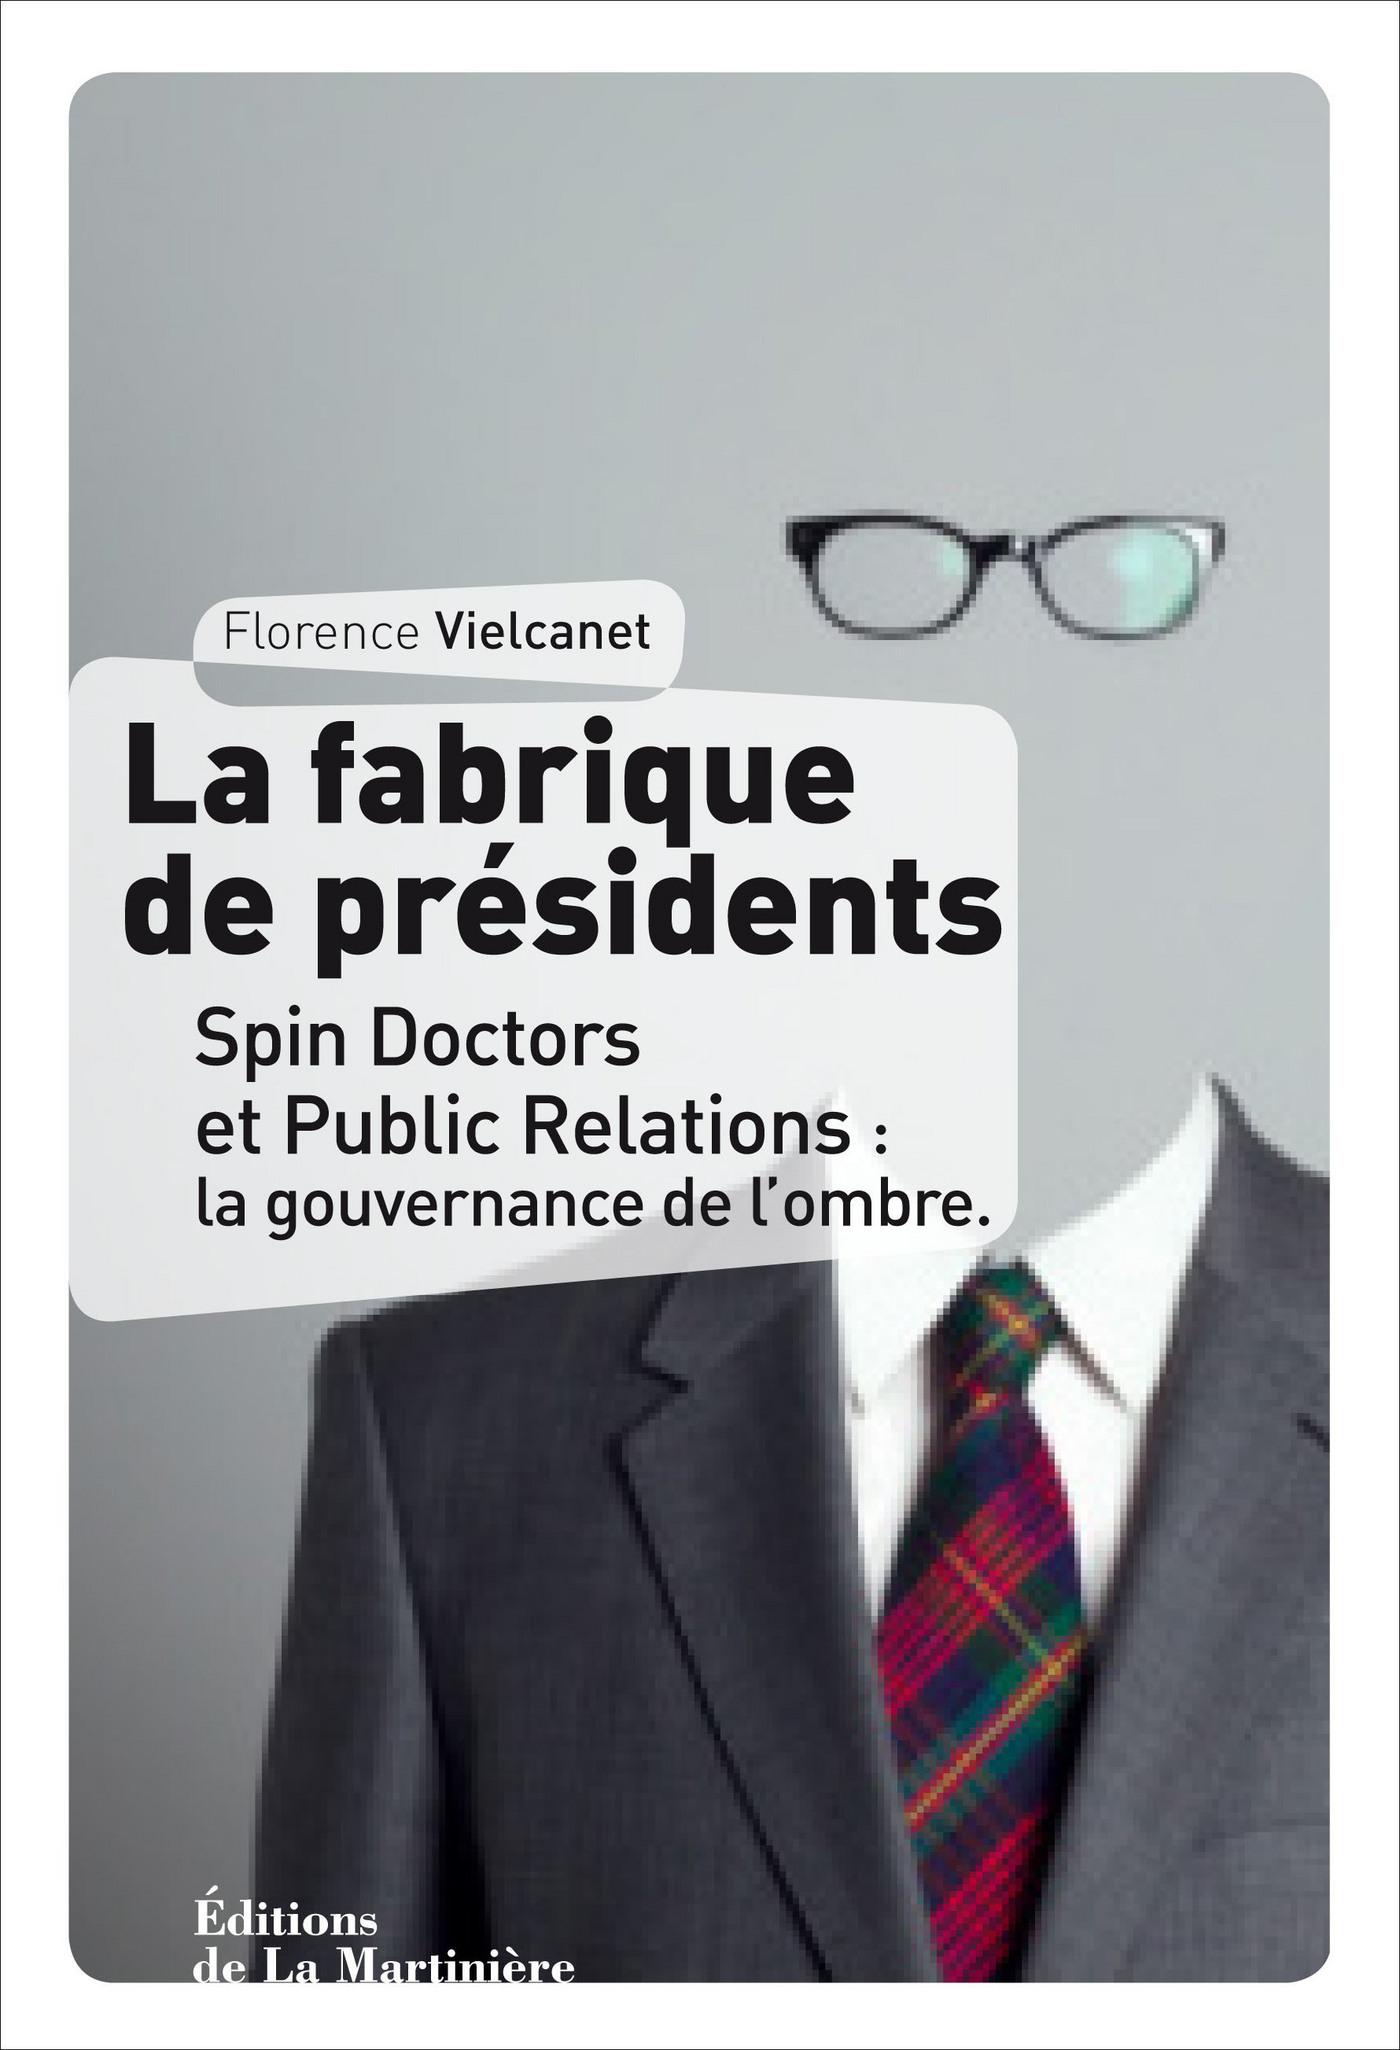 La Fabrique de présidents. Spin Doctors et Public Relations : la gouvernance de l'ombre